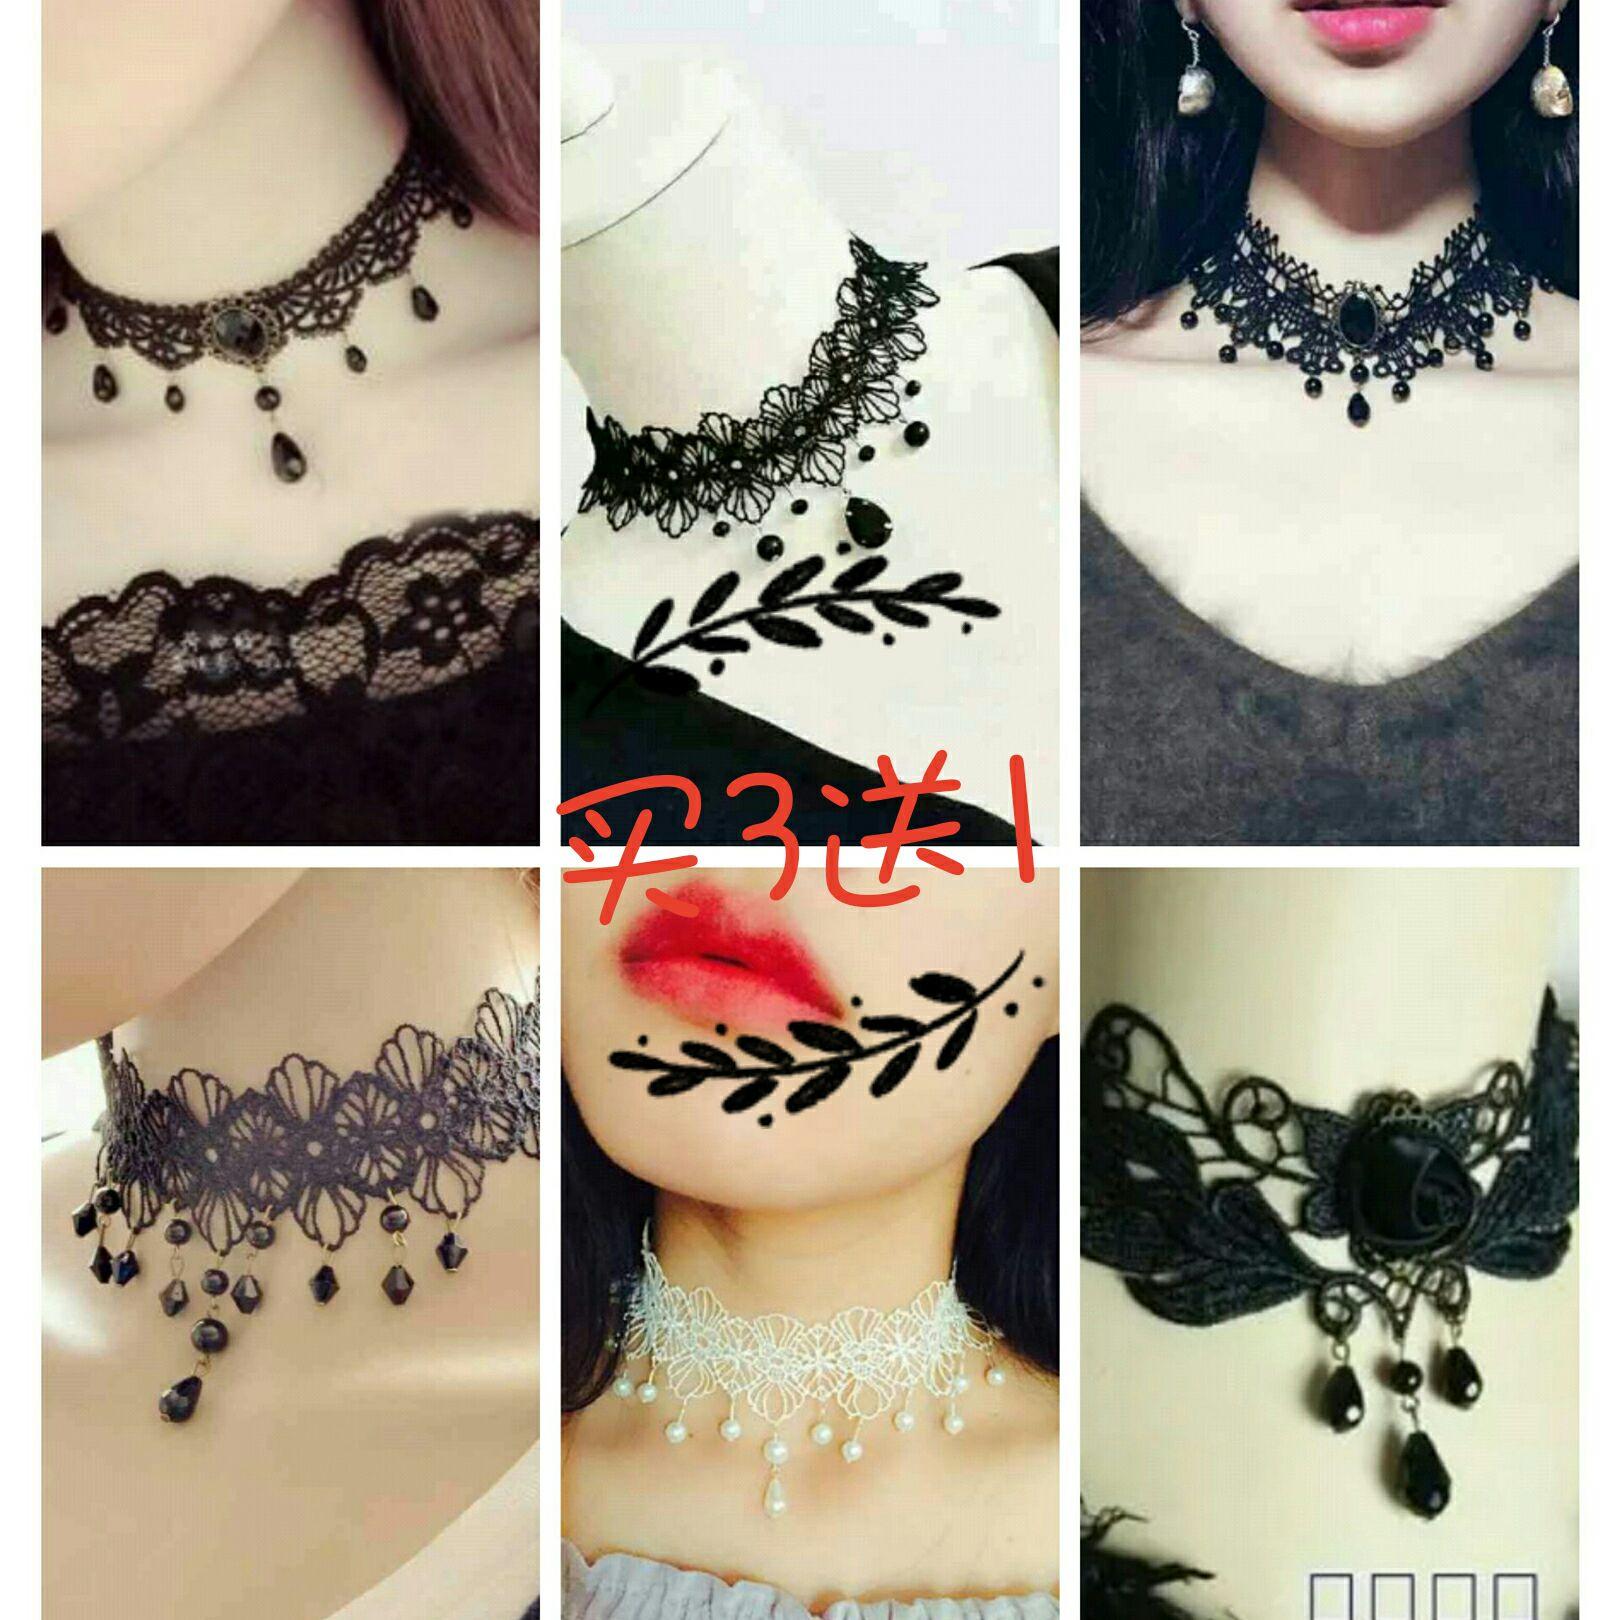 礼服配饰蕾丝项链颈饰项圈锁骨女性感黑白色围脖加宽脖子饰品